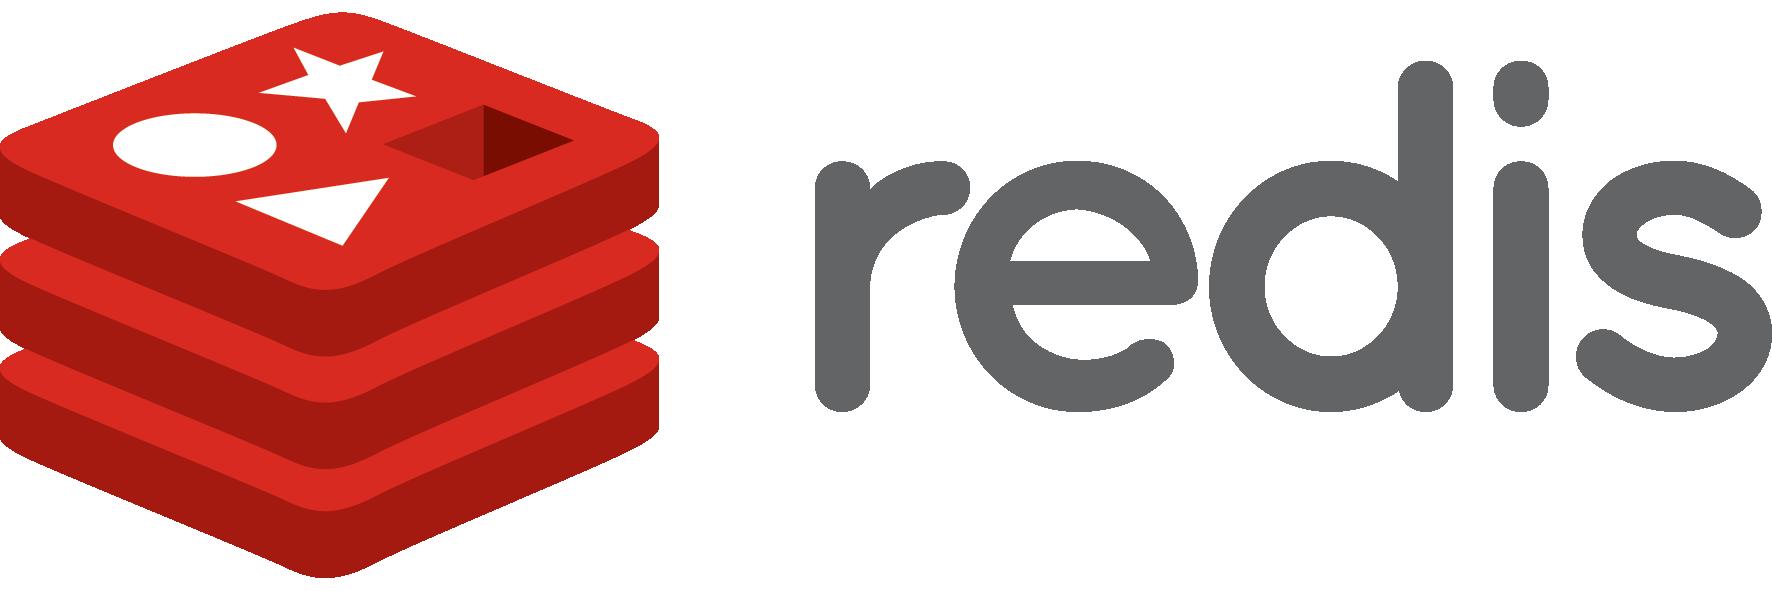 redis-logo